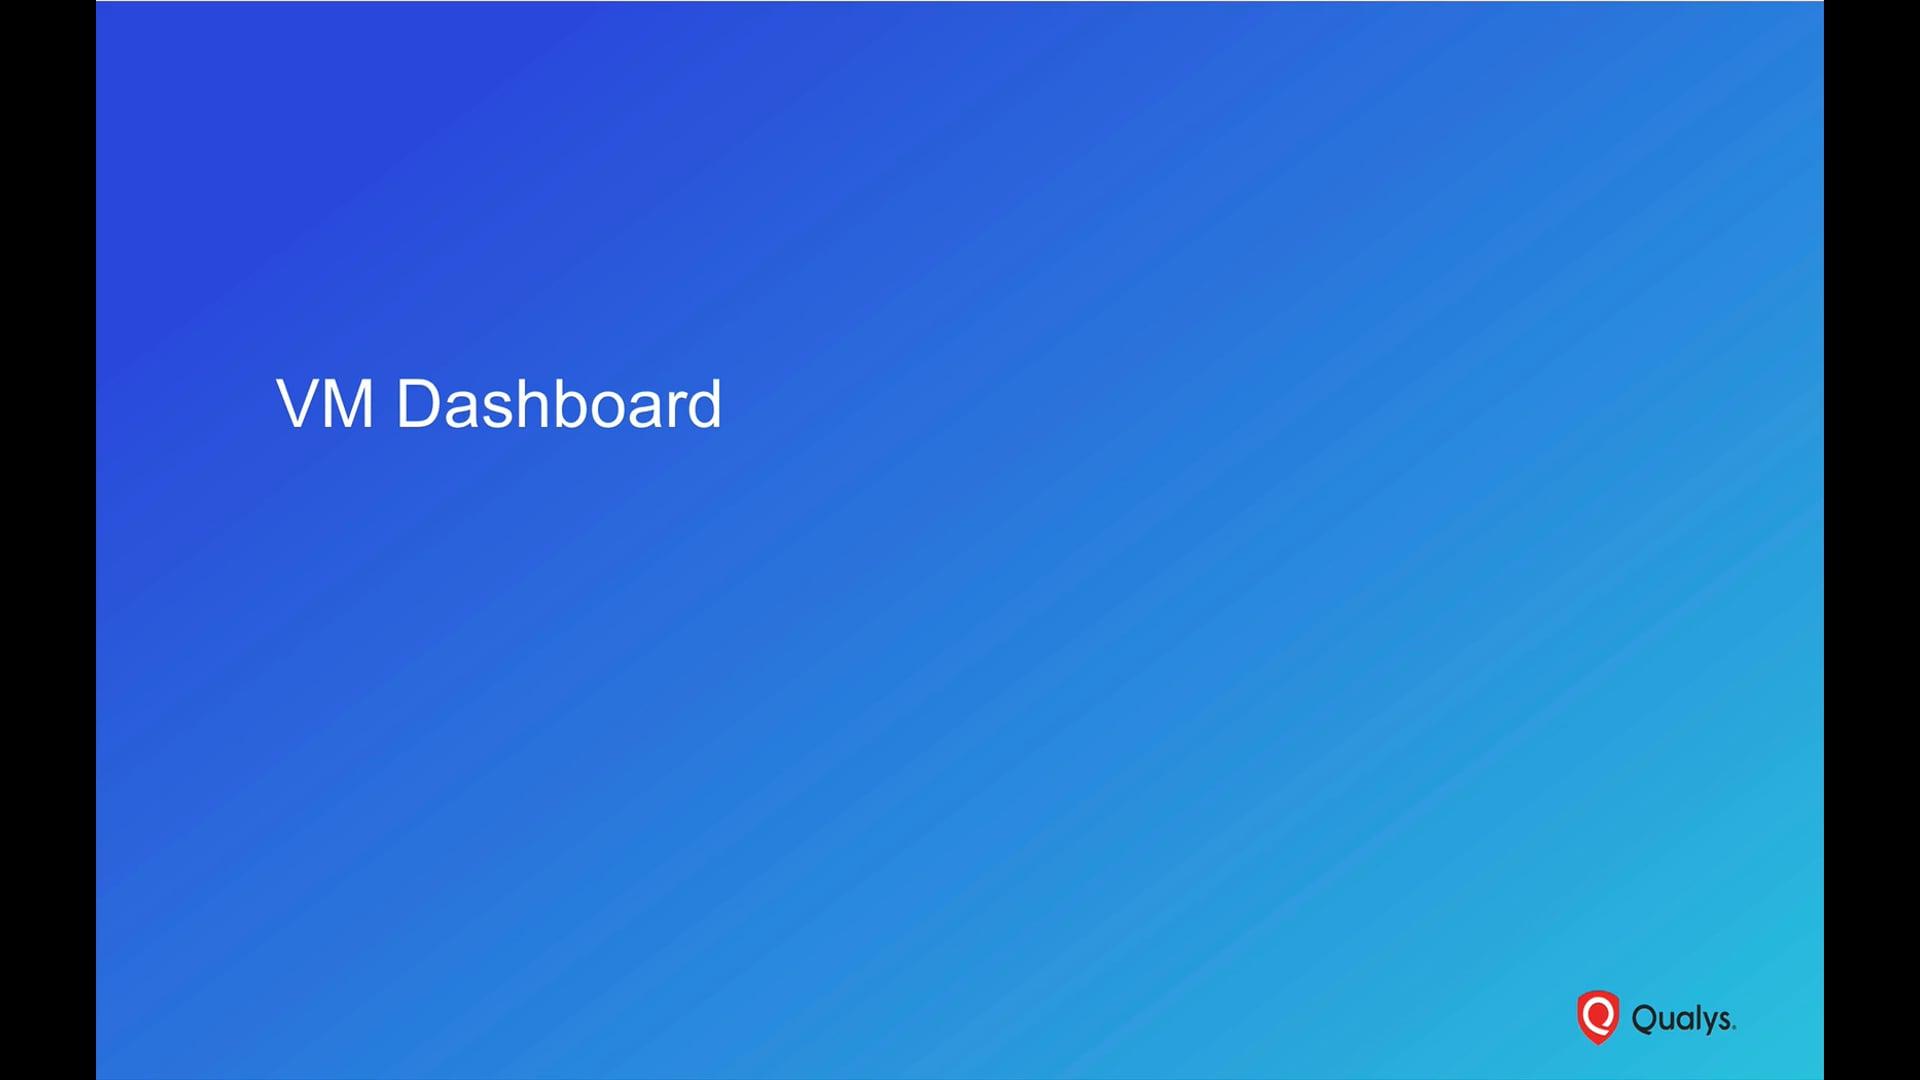 VM Dashboard